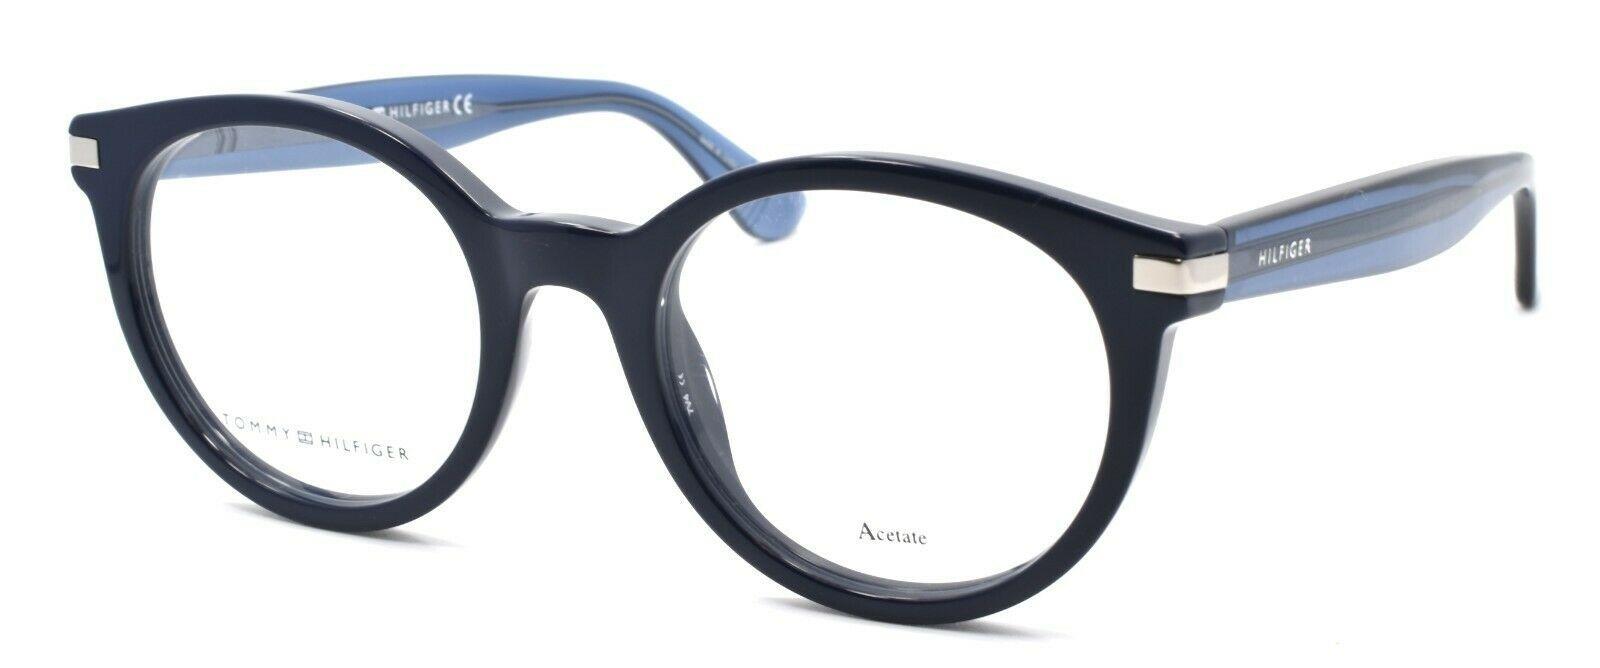 TOMMY HILFIGER TH 1518 PJP Women's Eyeglasses Frames 48-20-140 Blue - $98.80